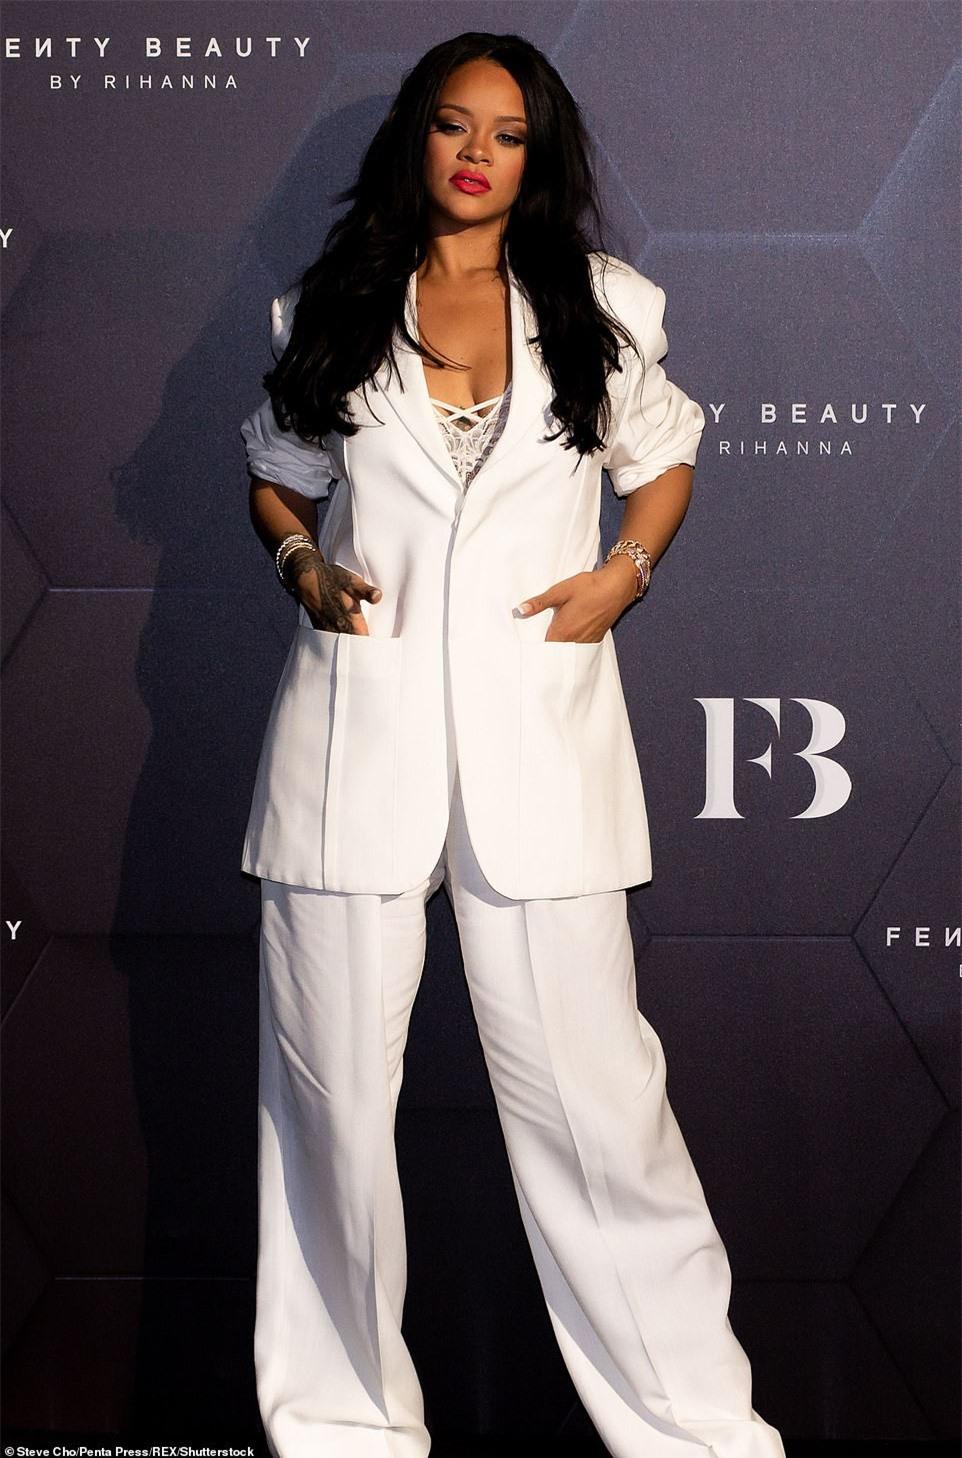 Cận cảnh căn biệt thự mới tậu hơn 300 tỉ đồng của Rihanna ảnh 1